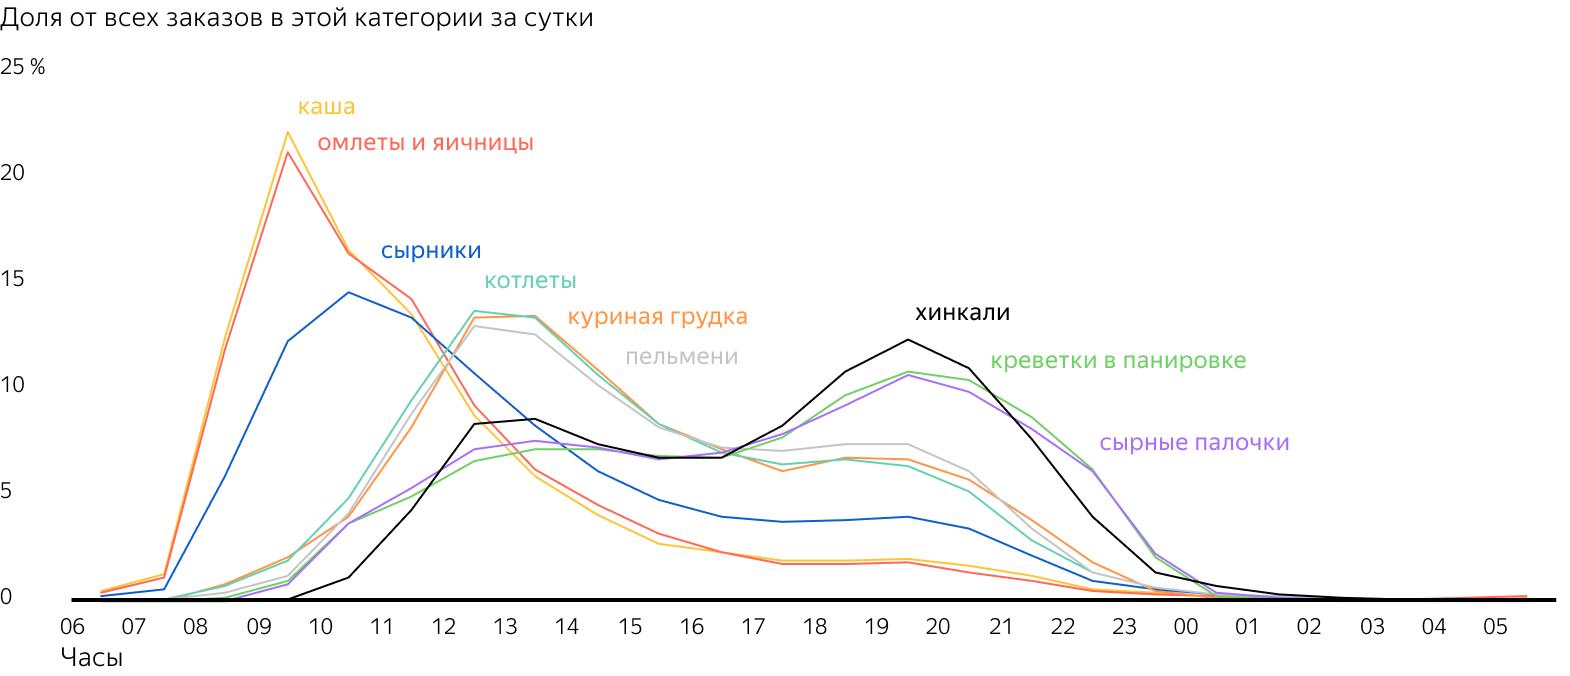 Яндекс.Еда разные блюда в разное время